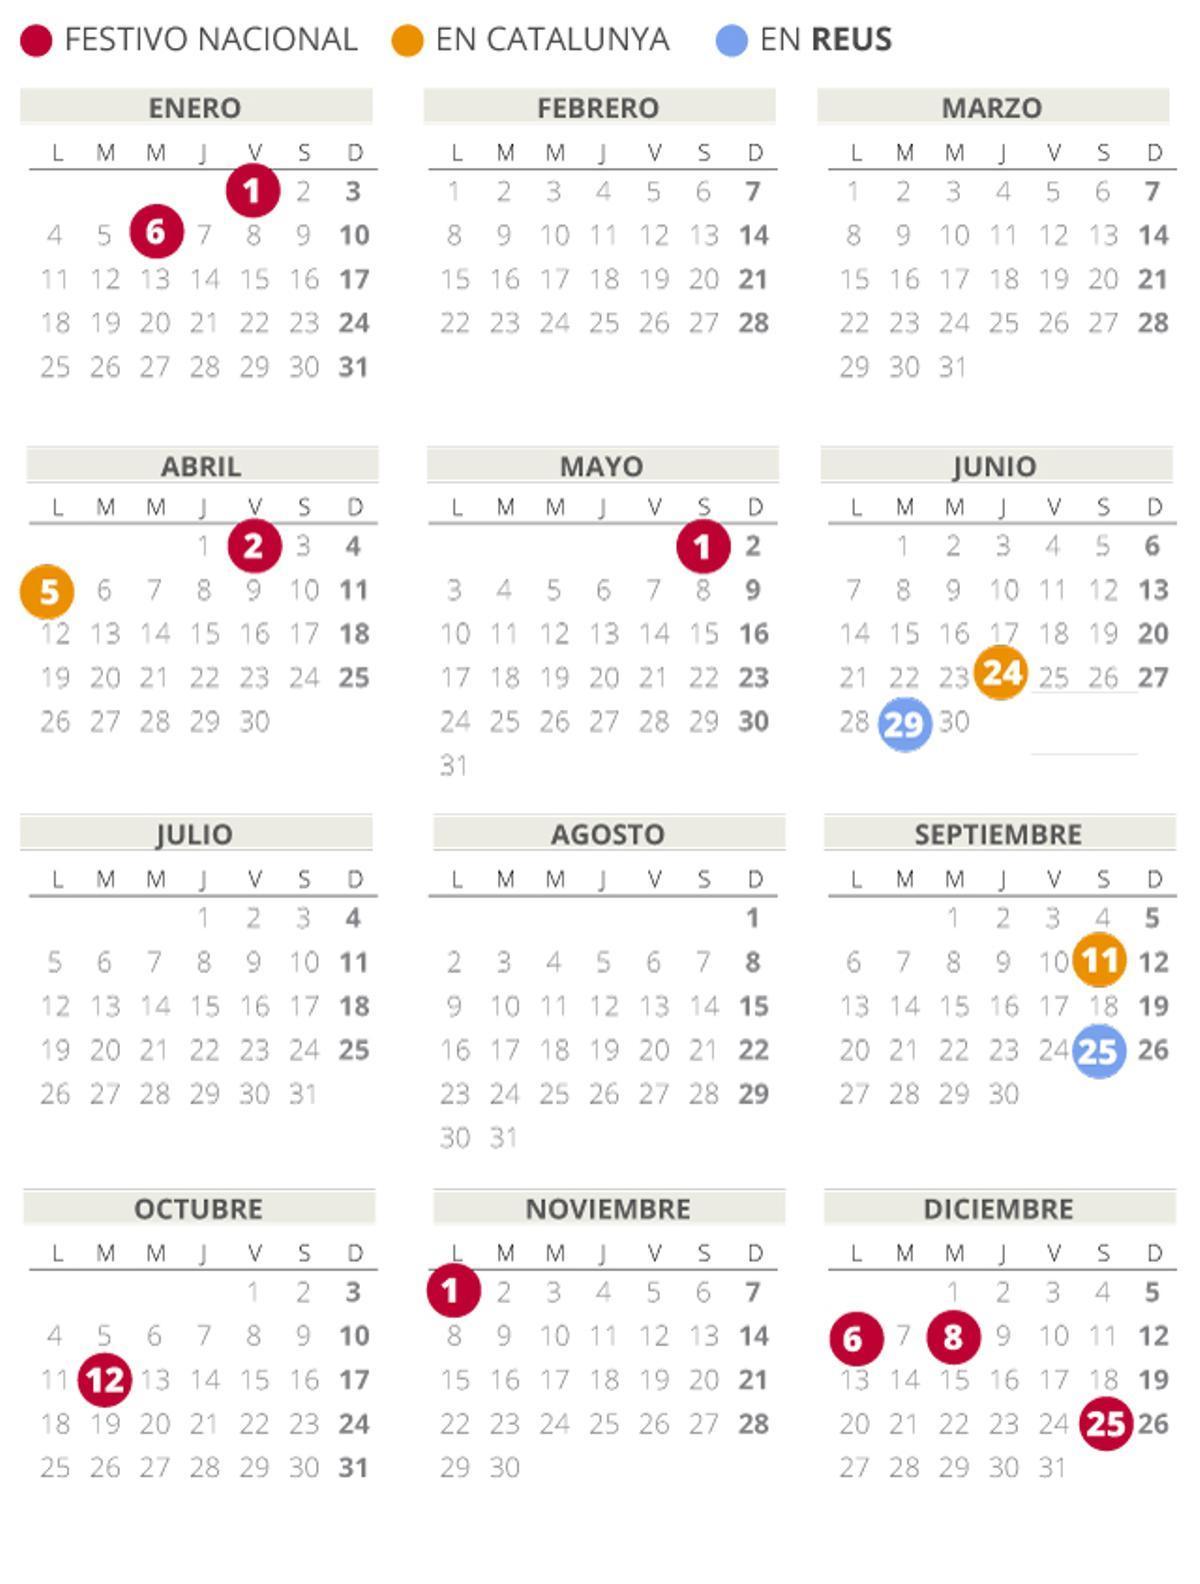 Calendario laboral de Reus del 2021 (con todos los festivos)